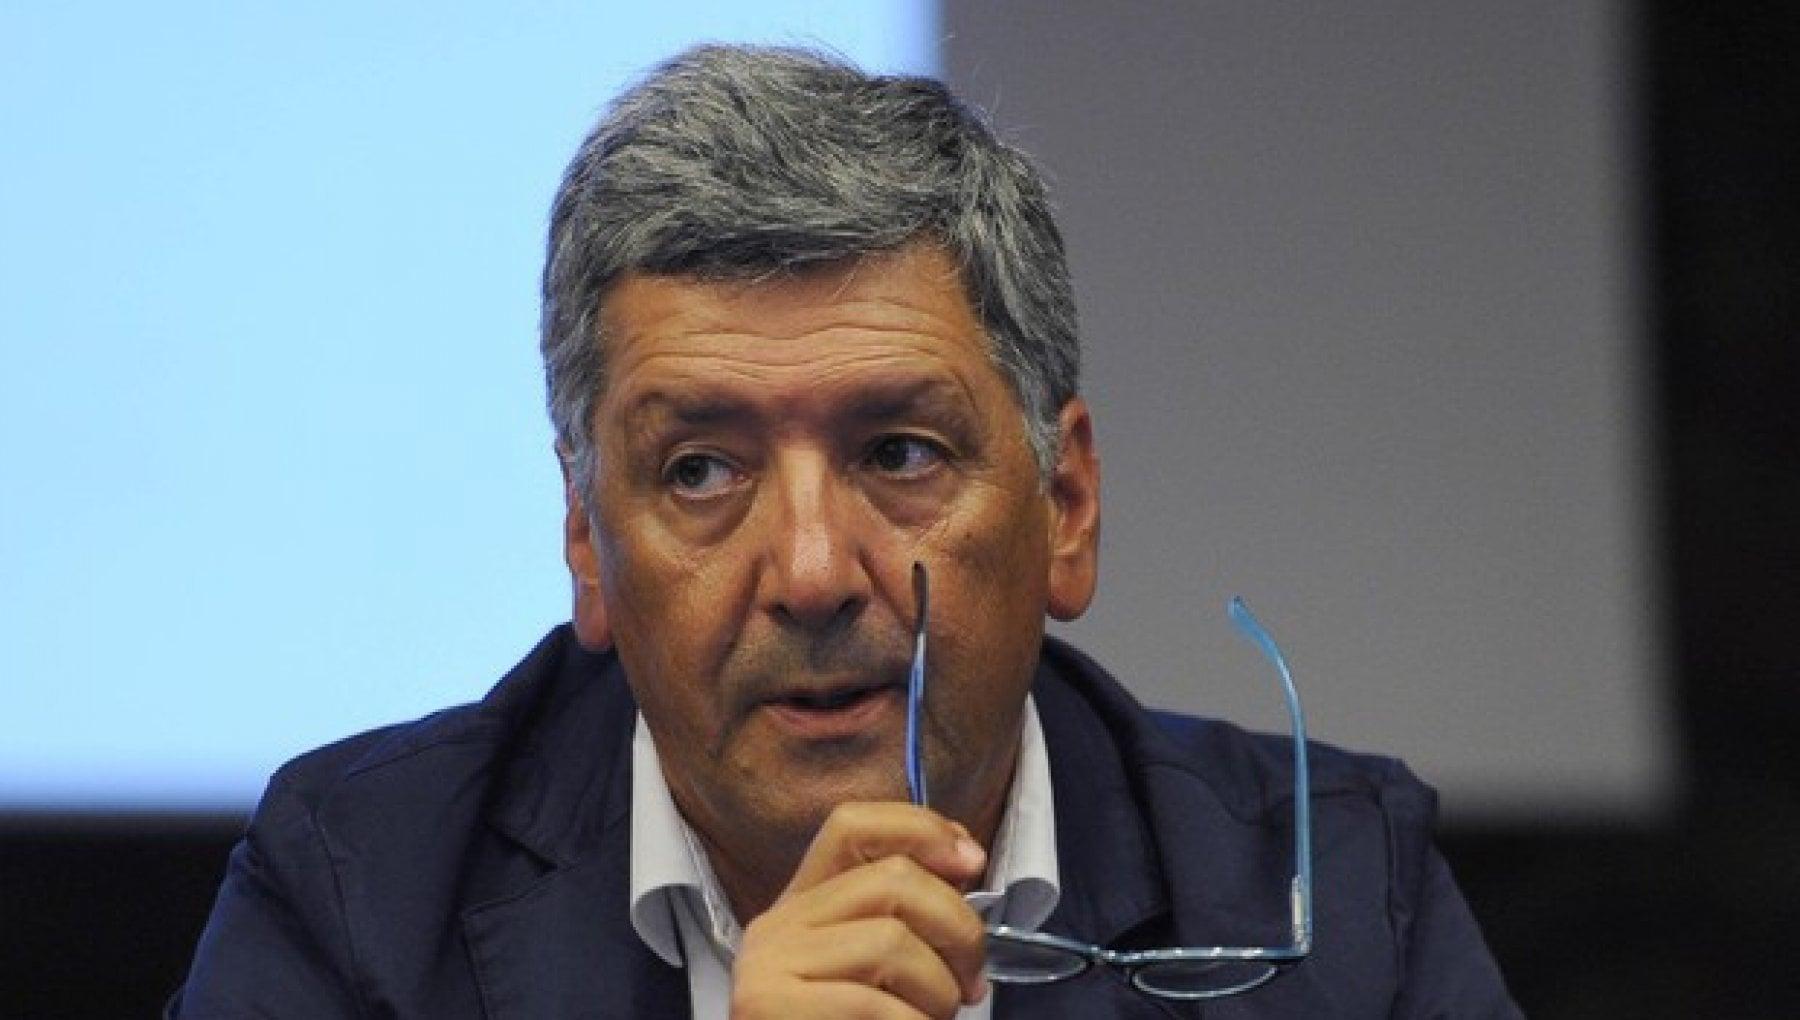 Lex sottosegretario vicino a Renzi Csm blocca nomina di Manzione a procuratore di Lucca